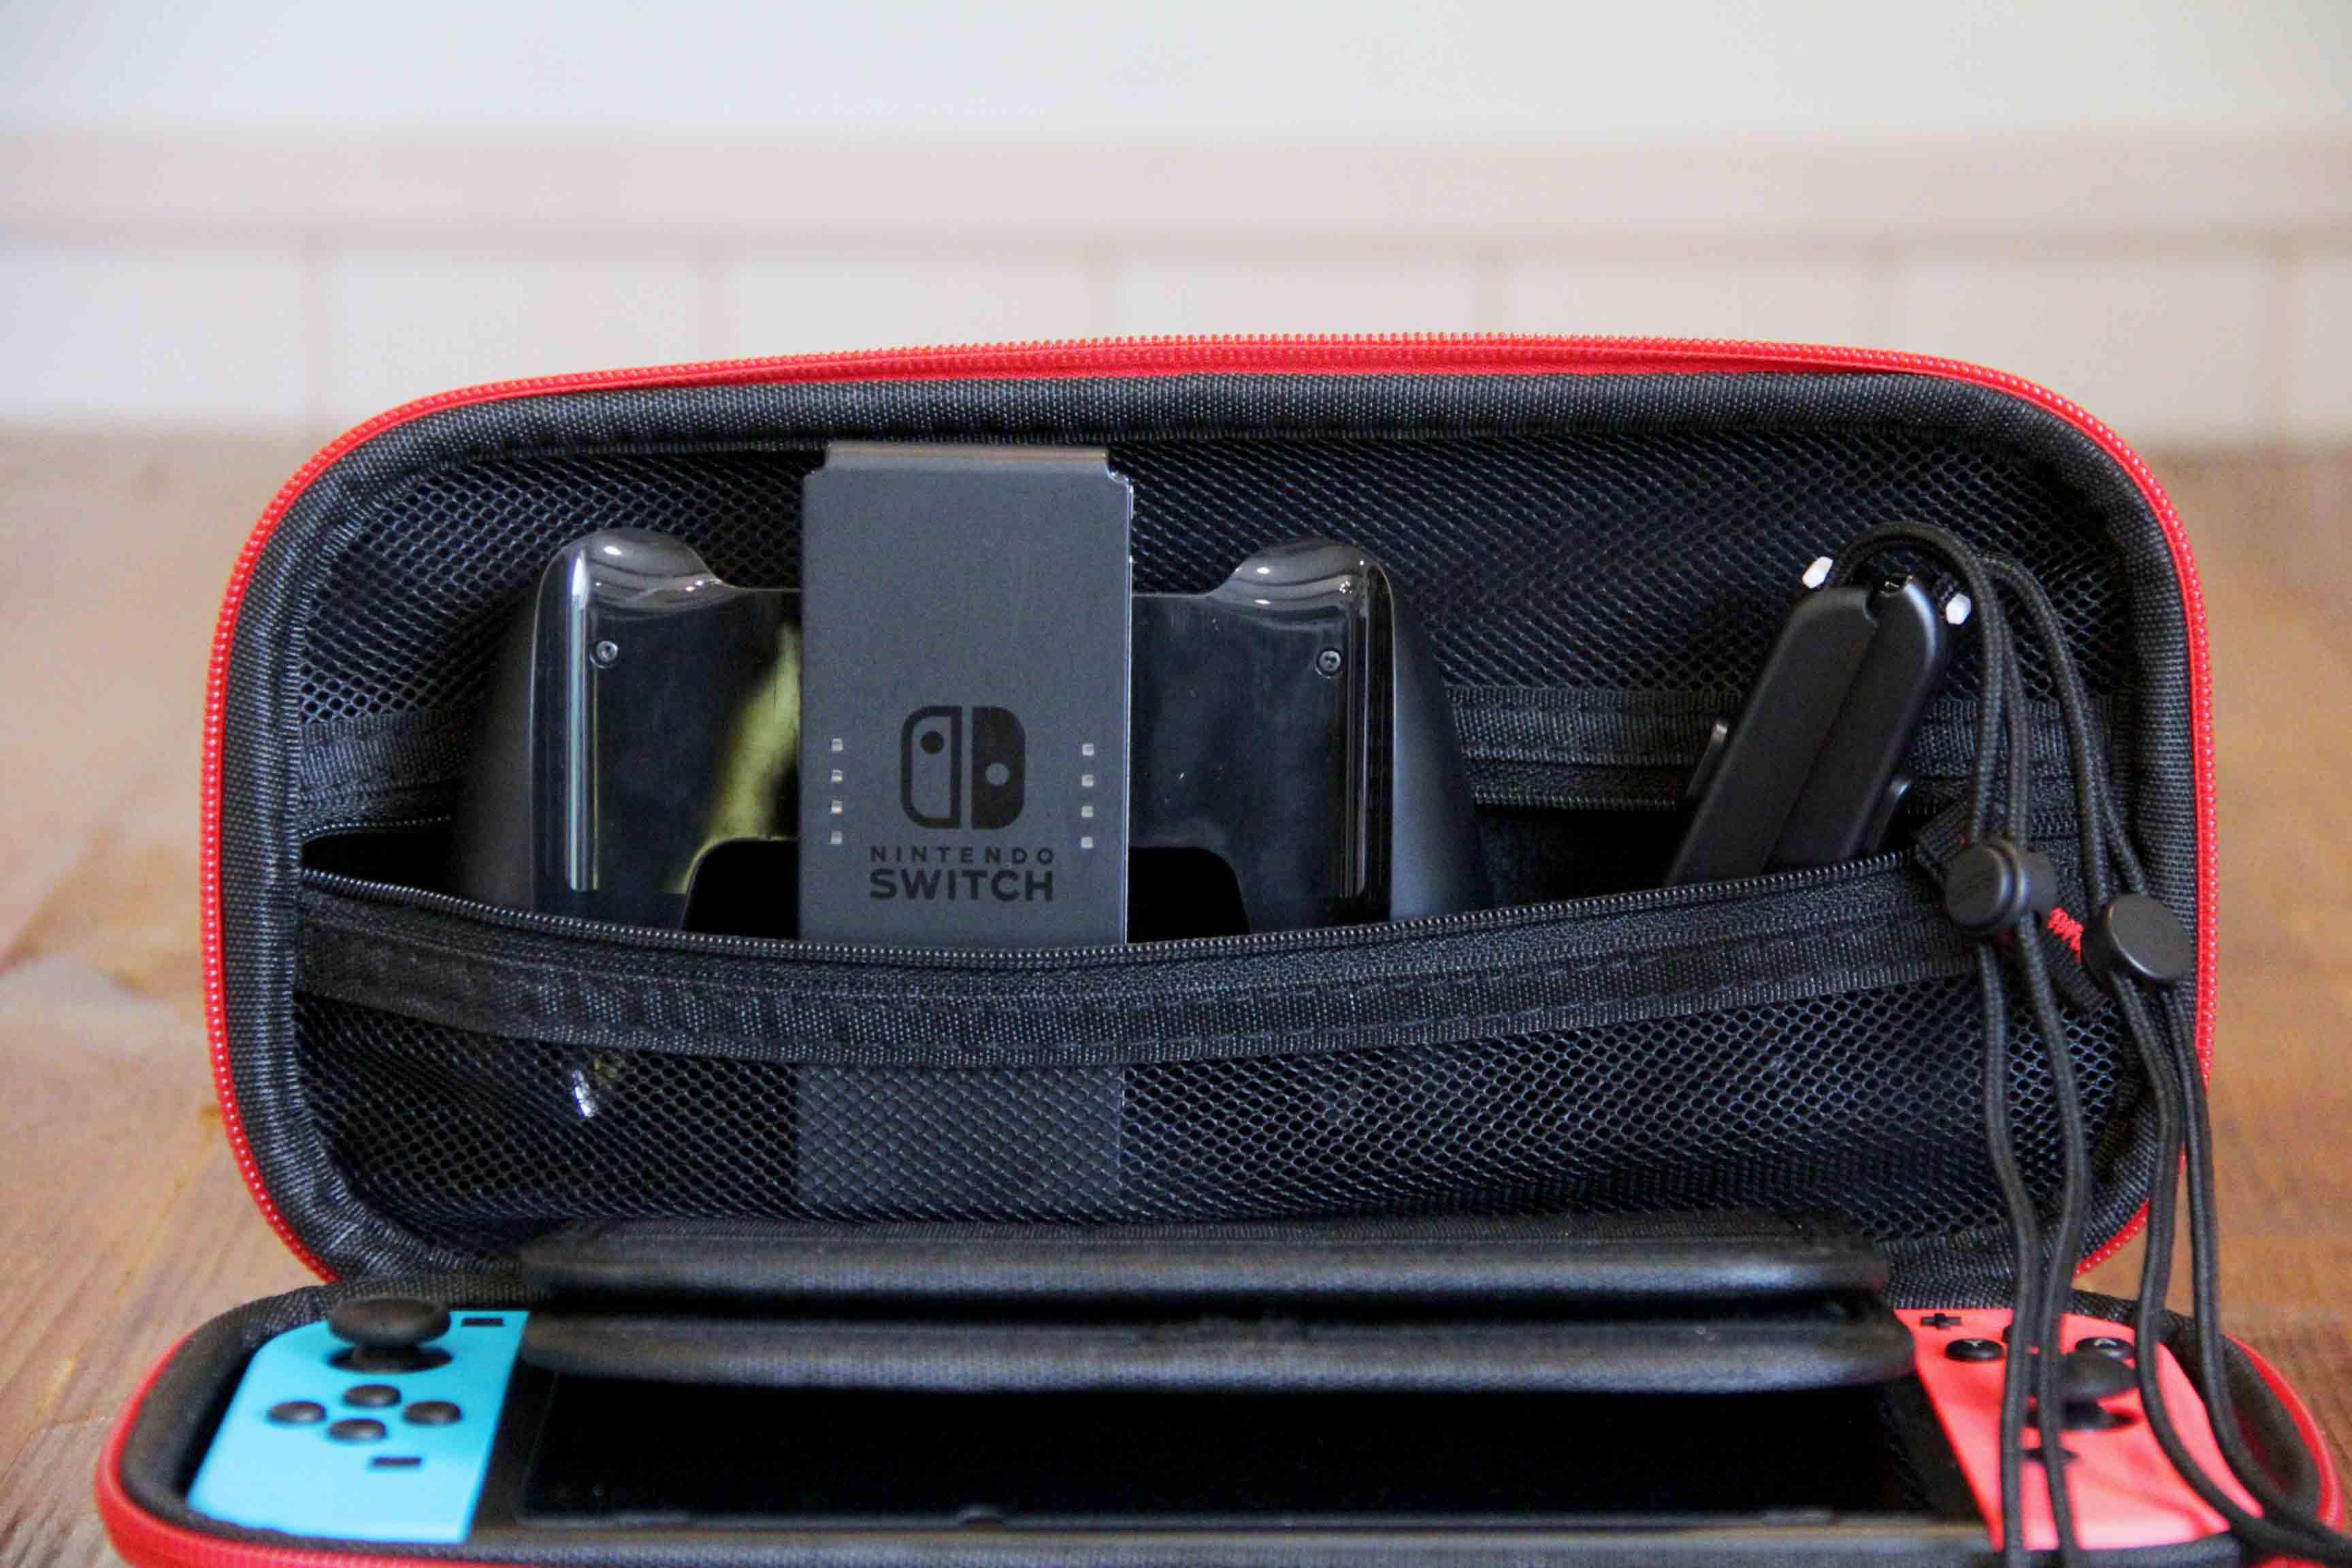 Nintendo switch保護キャリングケース|ハードケース写真⑥